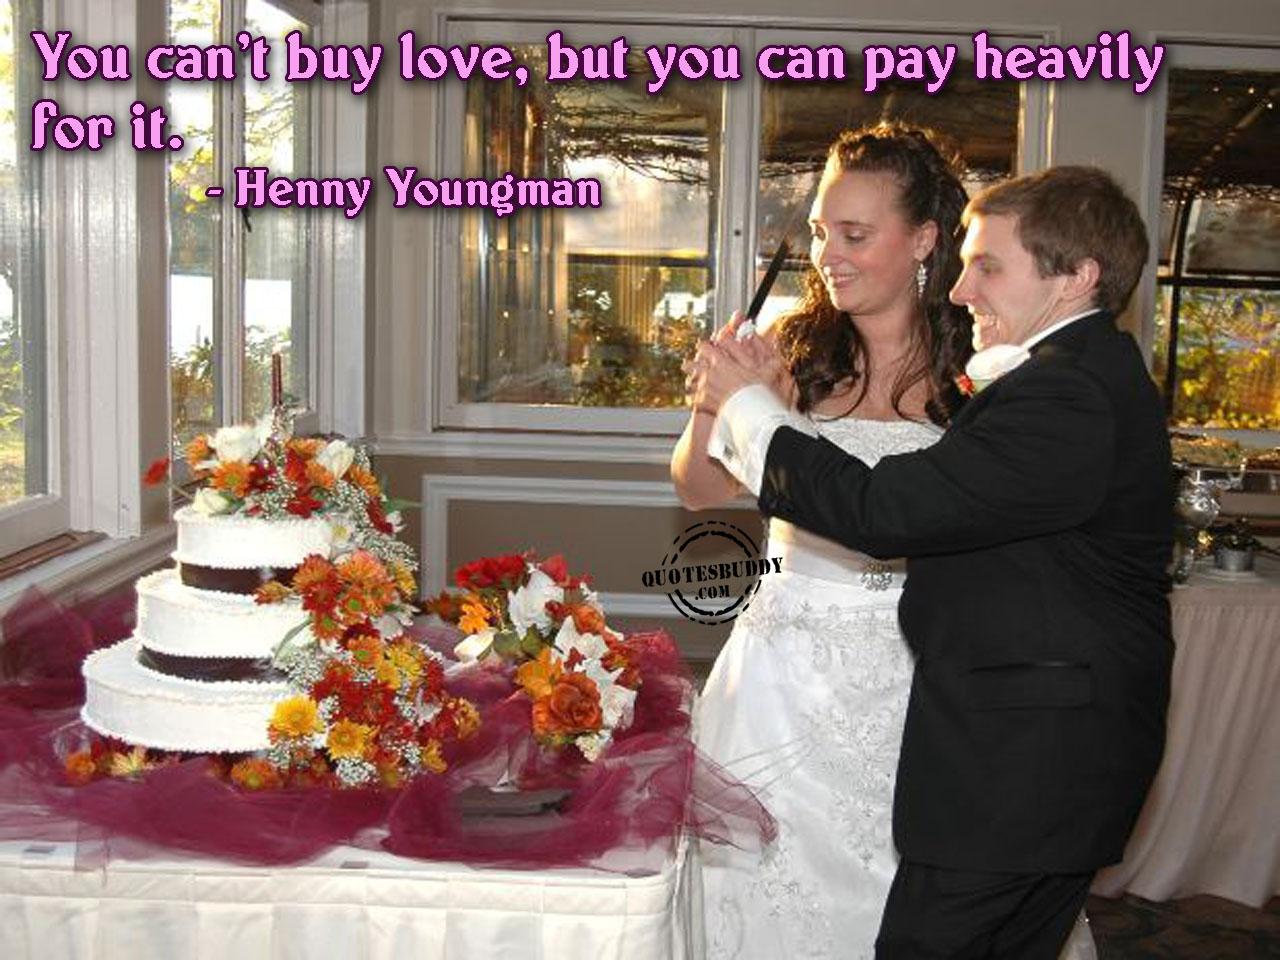 Priceless quote #1